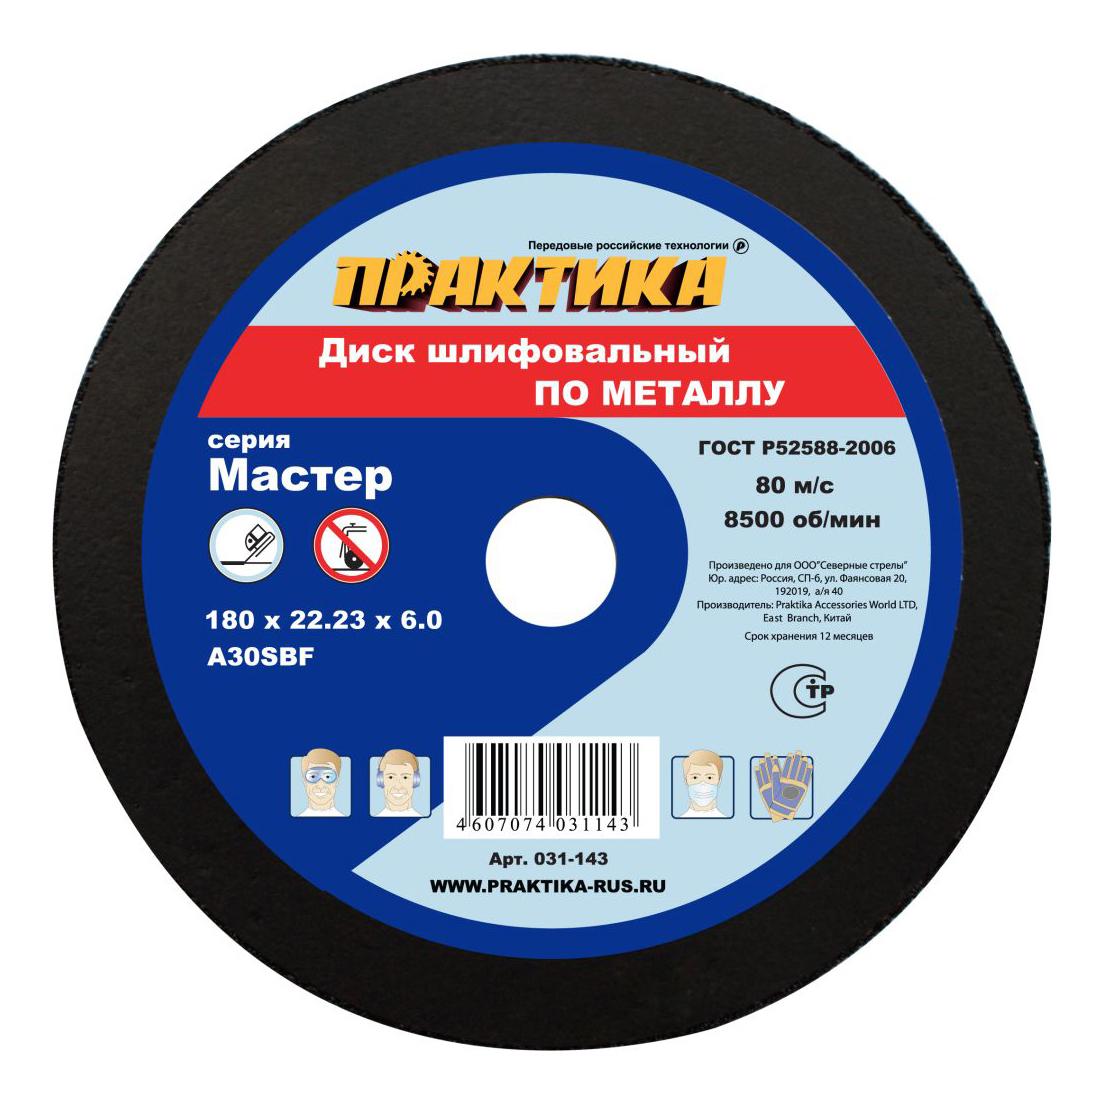 Шлифовальный диск по металлу для угловых шлифмашин Практика 031-143 фото